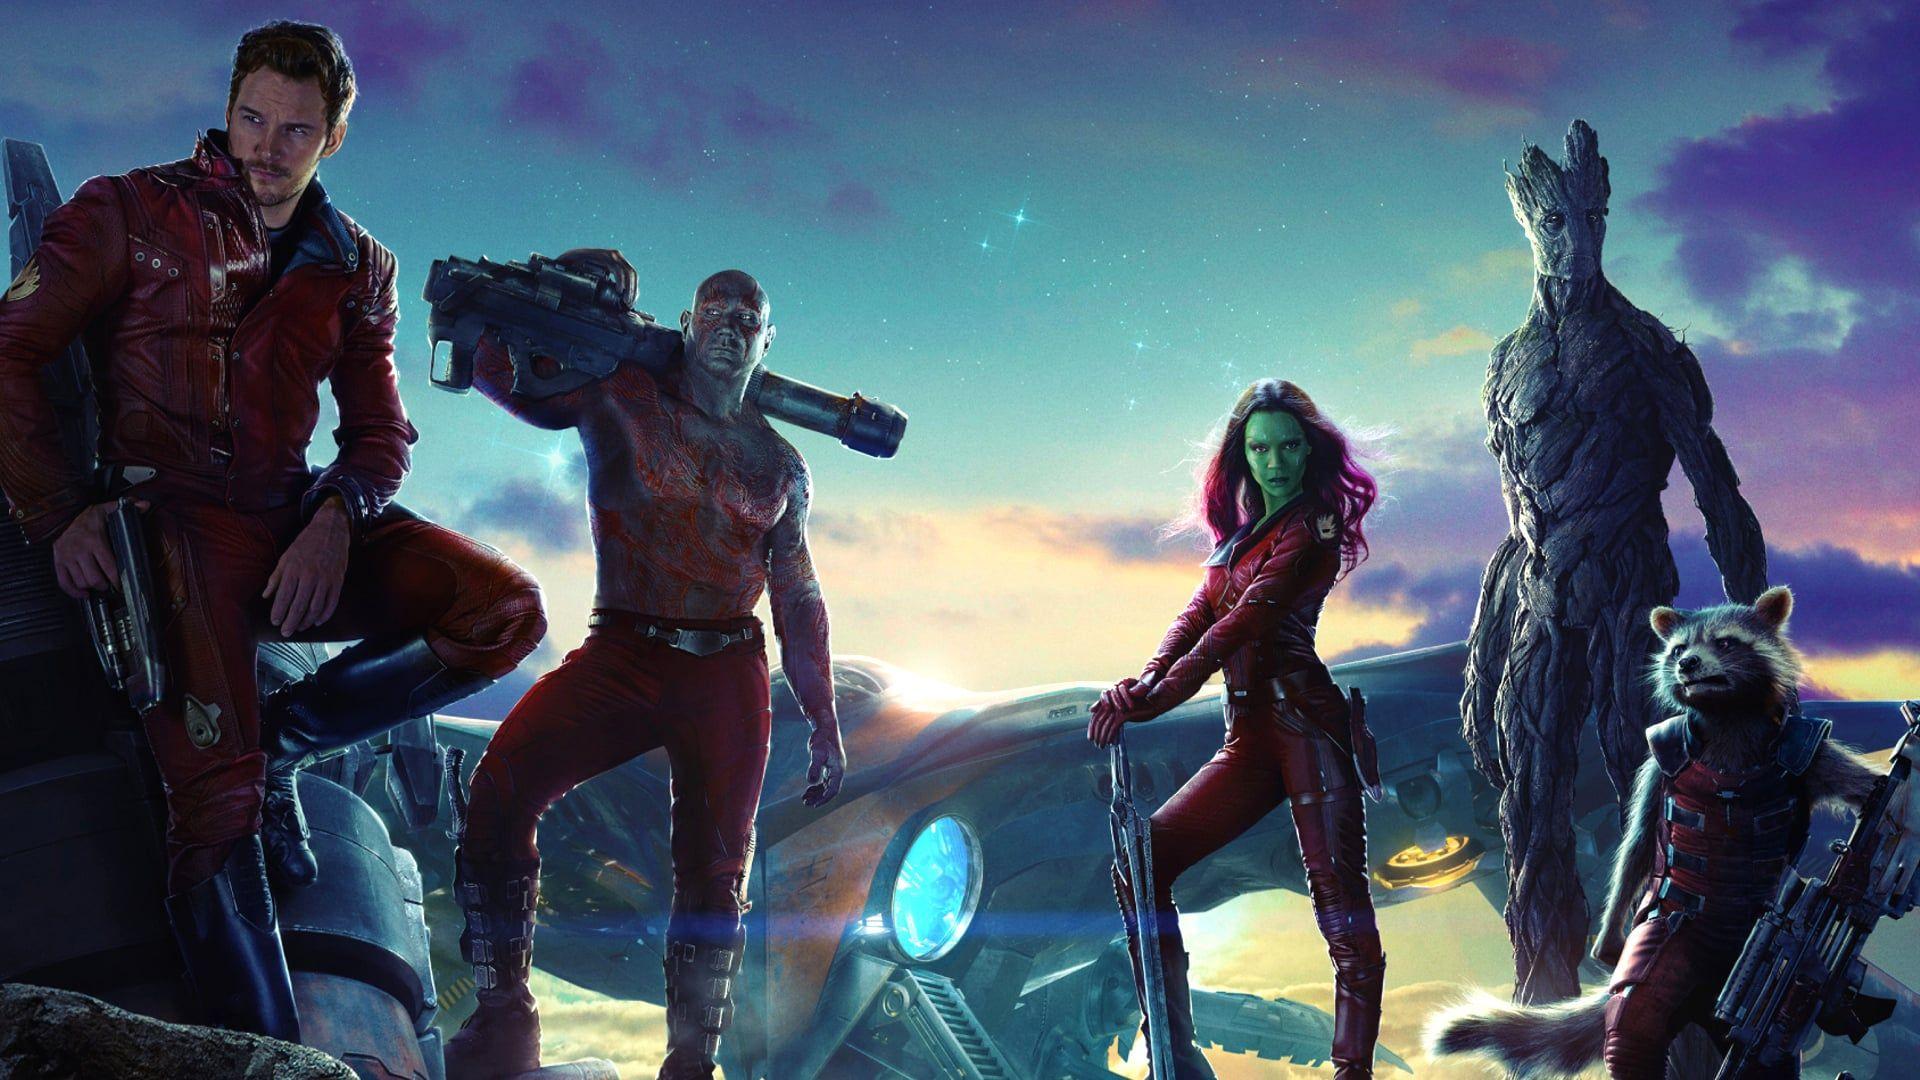 Guardians Of The Galaxy 2014 Ganzer Film Deutsch Komplett Kino Guardians Of The Galaxy 2014c In 2020 Galaxy Movie Guardians Of The Galaxy Guardians Of The Galaxy Vol 2